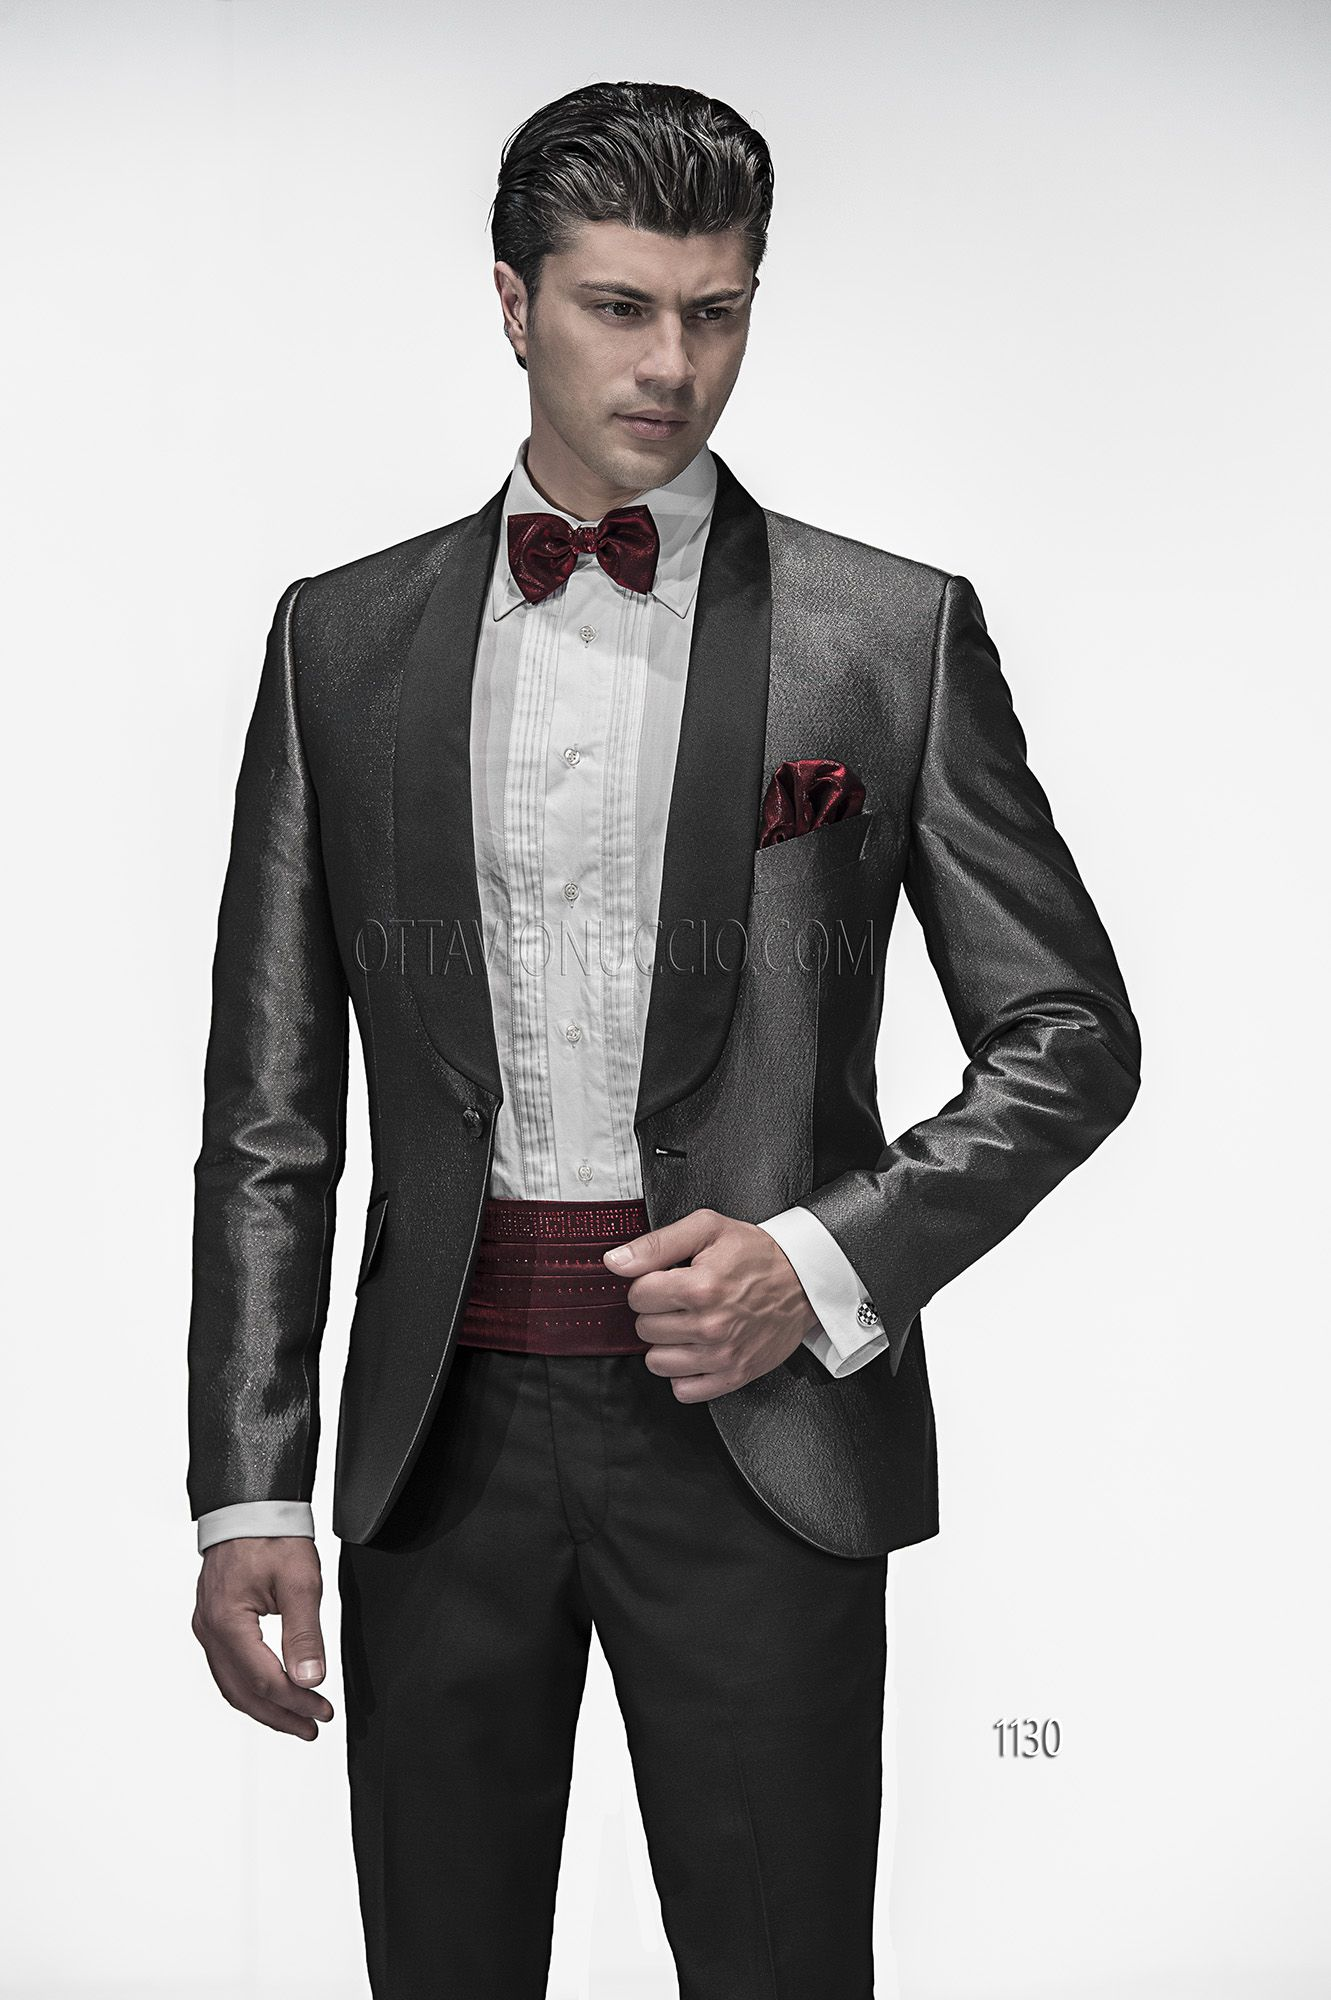 reputable site 2aff2 7d1b5 Abito da sposo uomo con giacca effetto jeans nero e argento ...